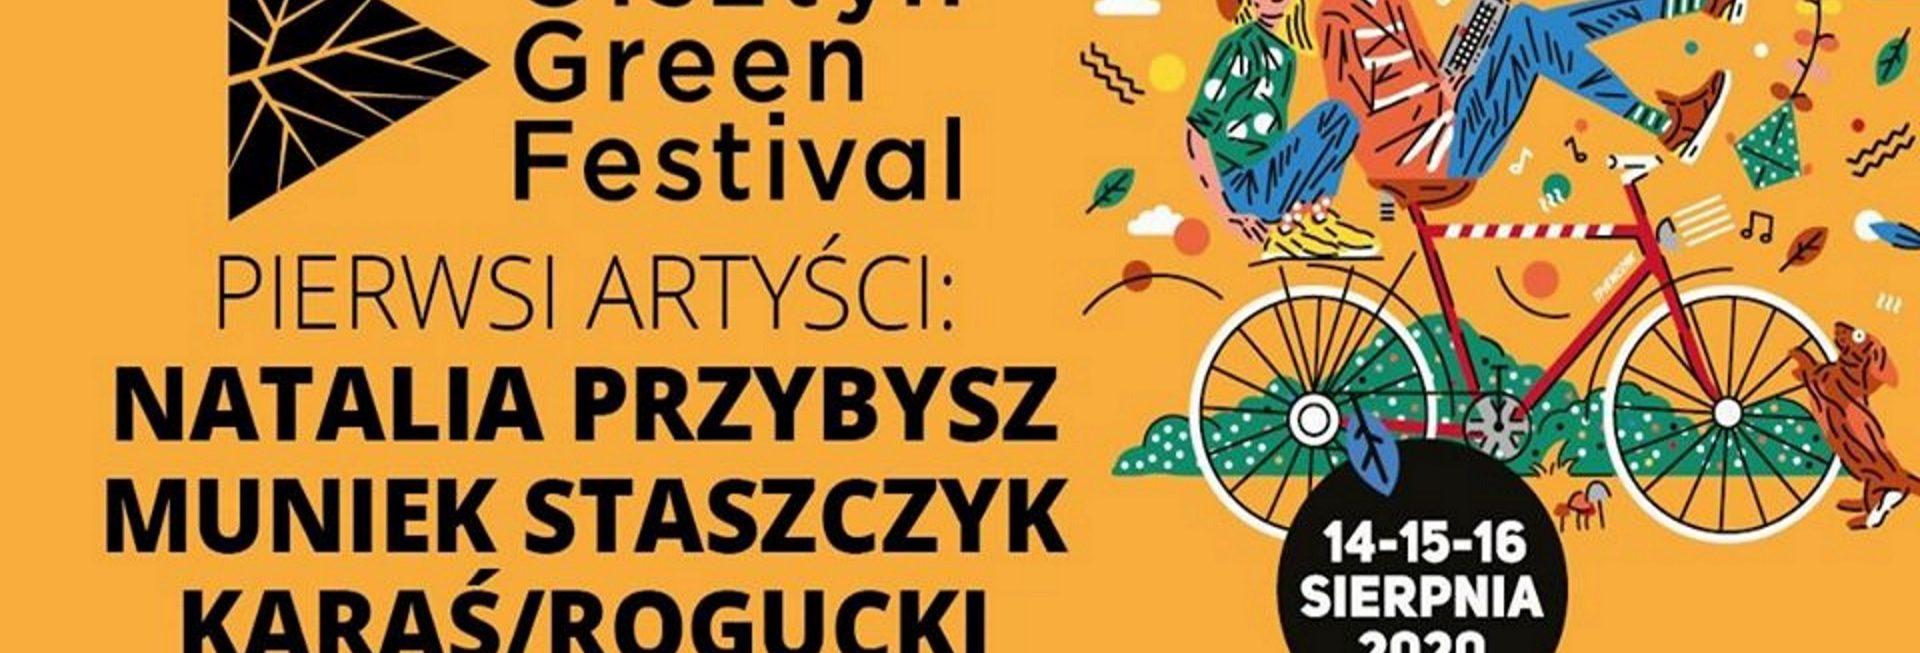 Plakat zapraszający w dniach 14-16 sierpnia do Olsztyna na 7. edycję Olsztyńskiego Green Festivalu 2020. Tło plakatu pomarańczowe z napisami informującymi kiedy zaczyna się festival oraz kto zagra na scenie. Dodatkowa grafika pary jadącej na rowerze.